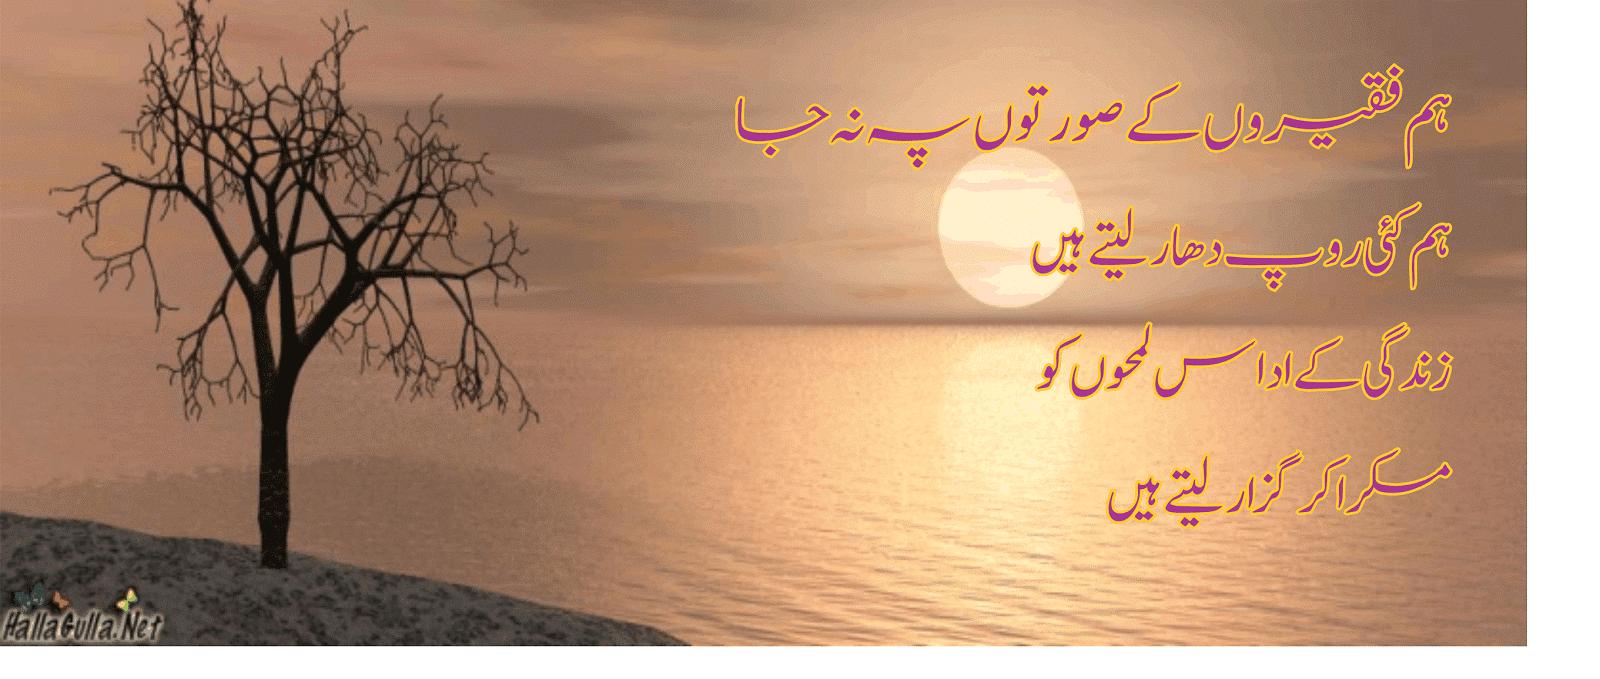 mirza ghalib poetry in urdu